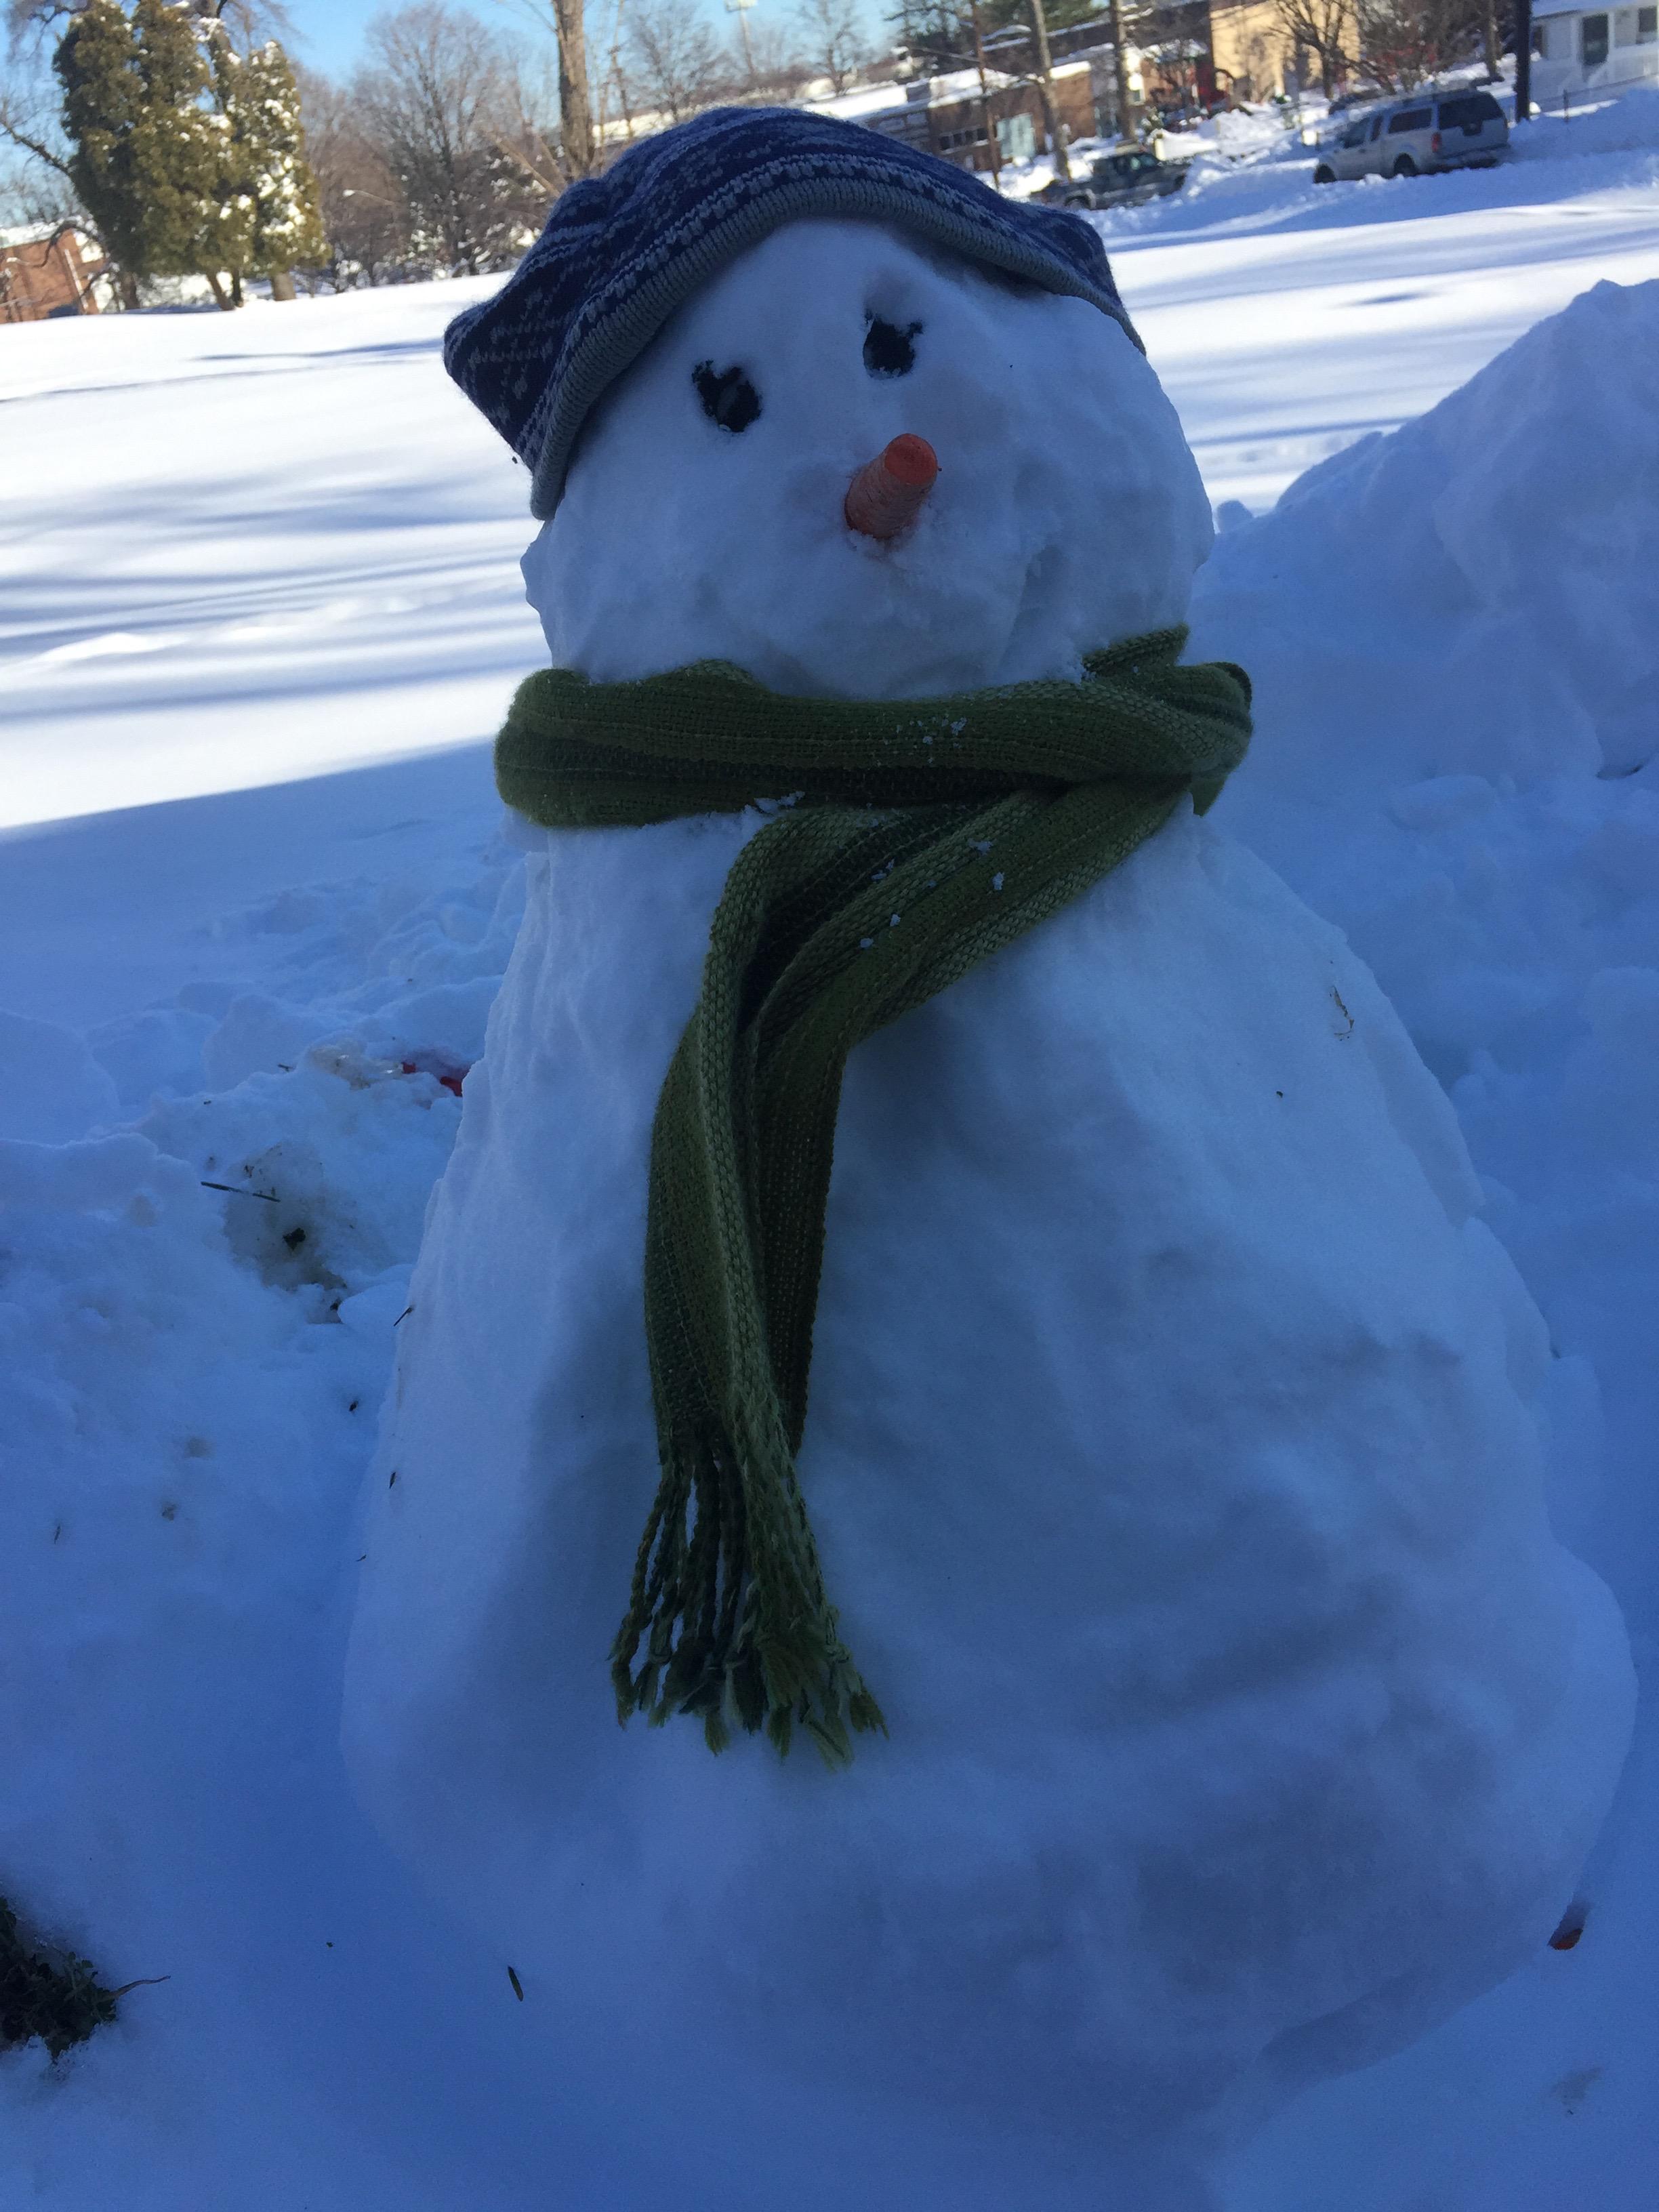 Better snowman